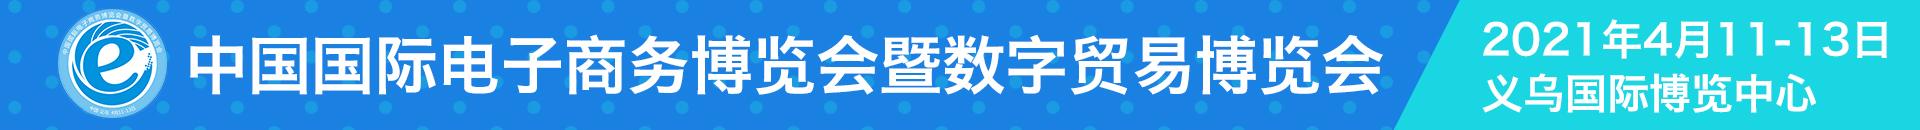 2021第十一届中国国际电子商务博览会 暨第四届数字贸易博览会(中国.义乌)